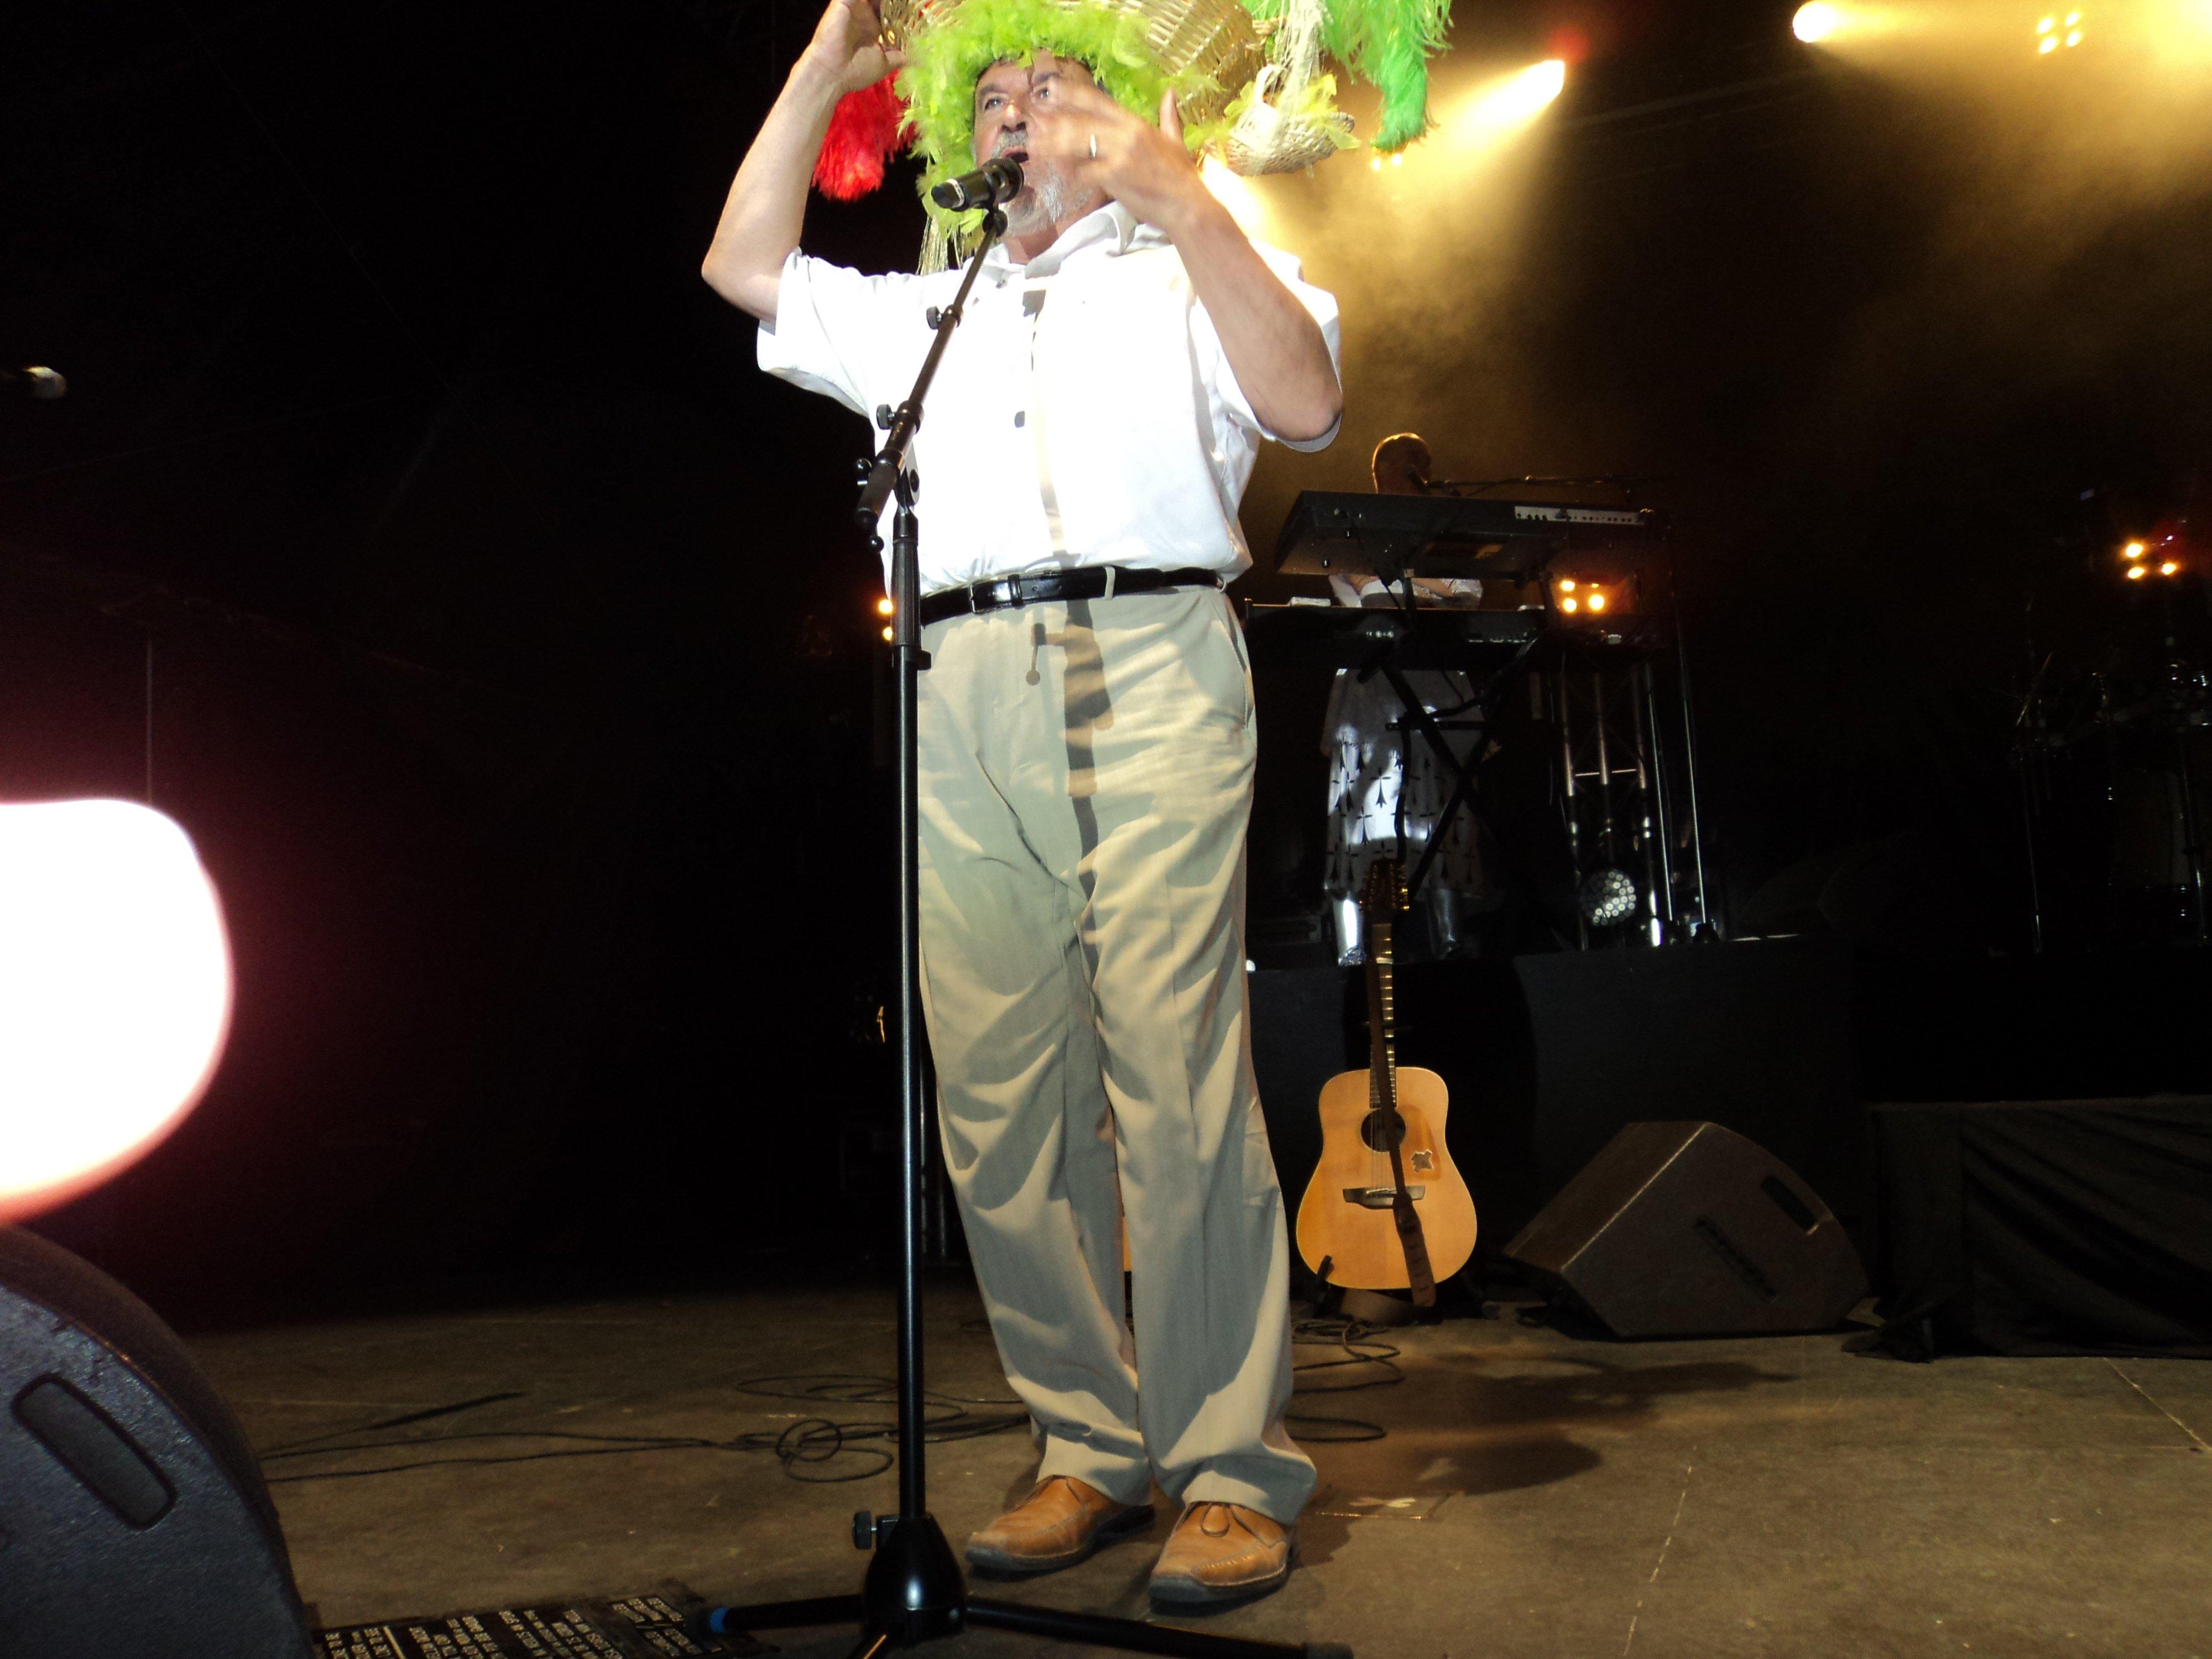 J'ai pas pu résister! Le président de la Communauté de Communes affublé du chapeau panier de légumes de Jean en fin de concert! C'était tordant!